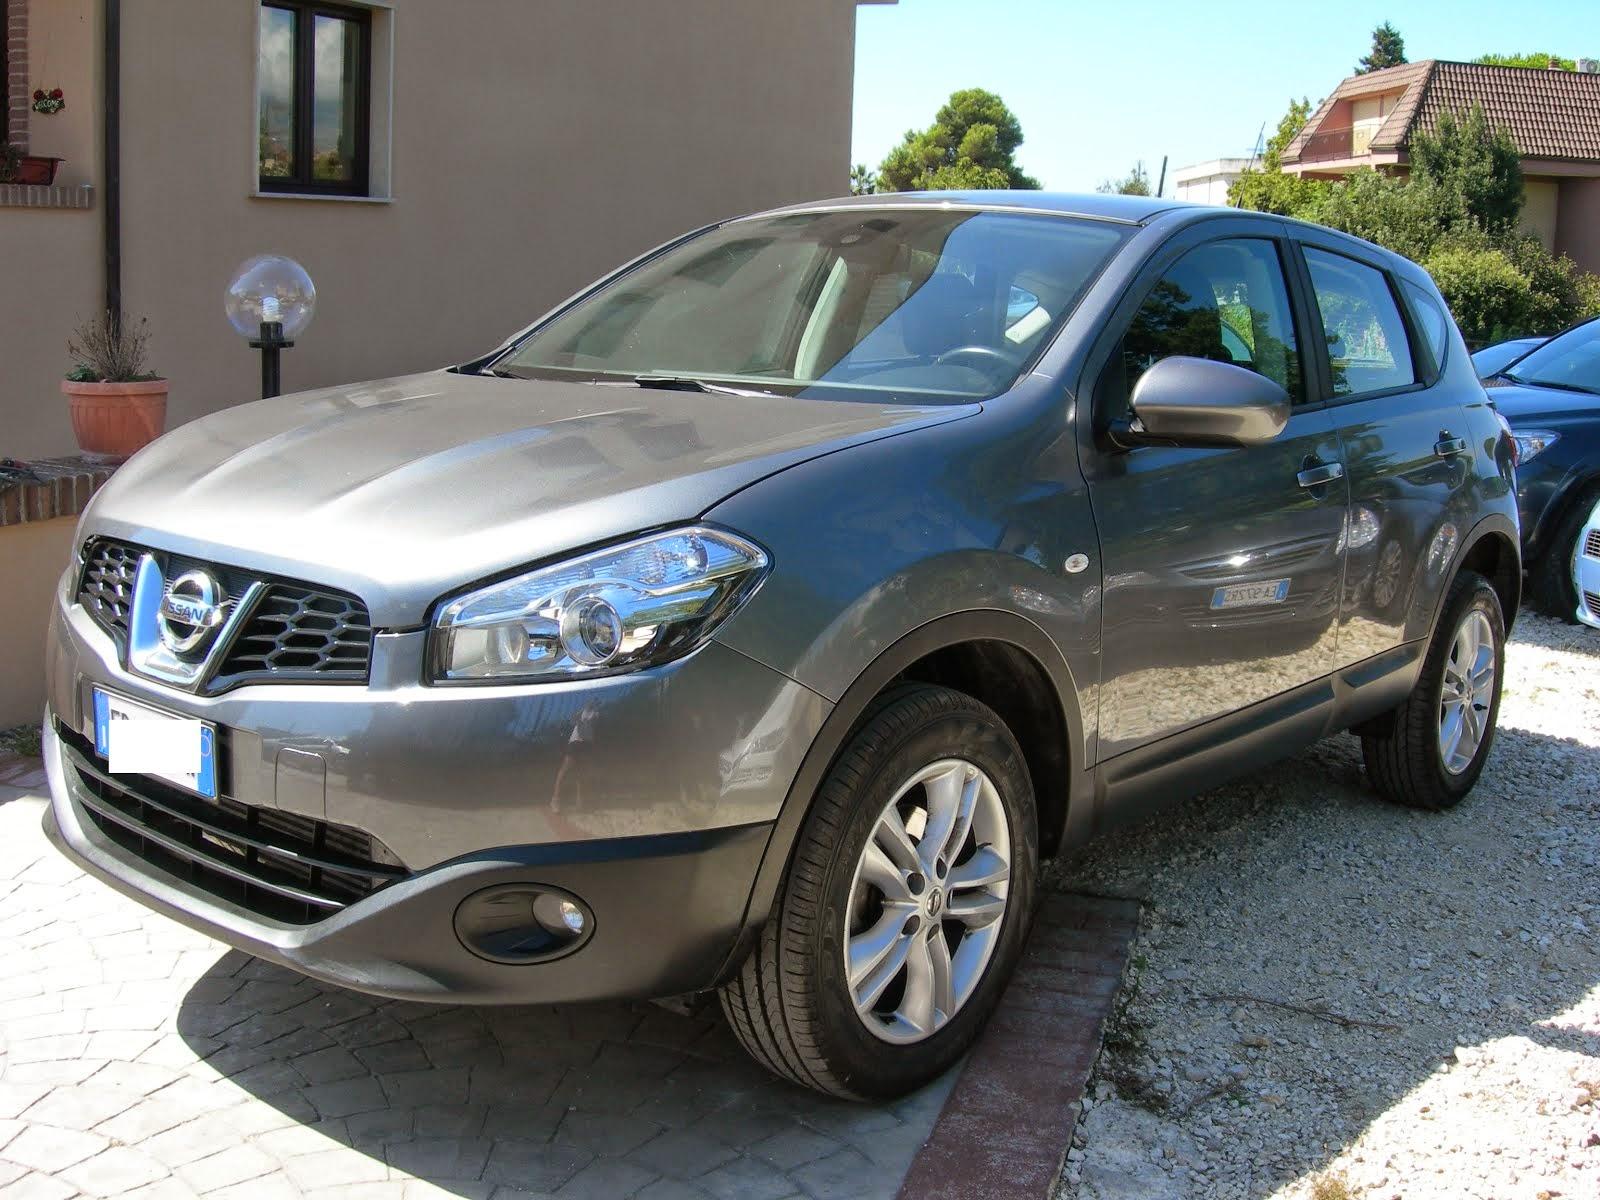 Nissan Qashqai 1.5 dci Acenta 2013 41.000 km full optional Contattare x Prezzo